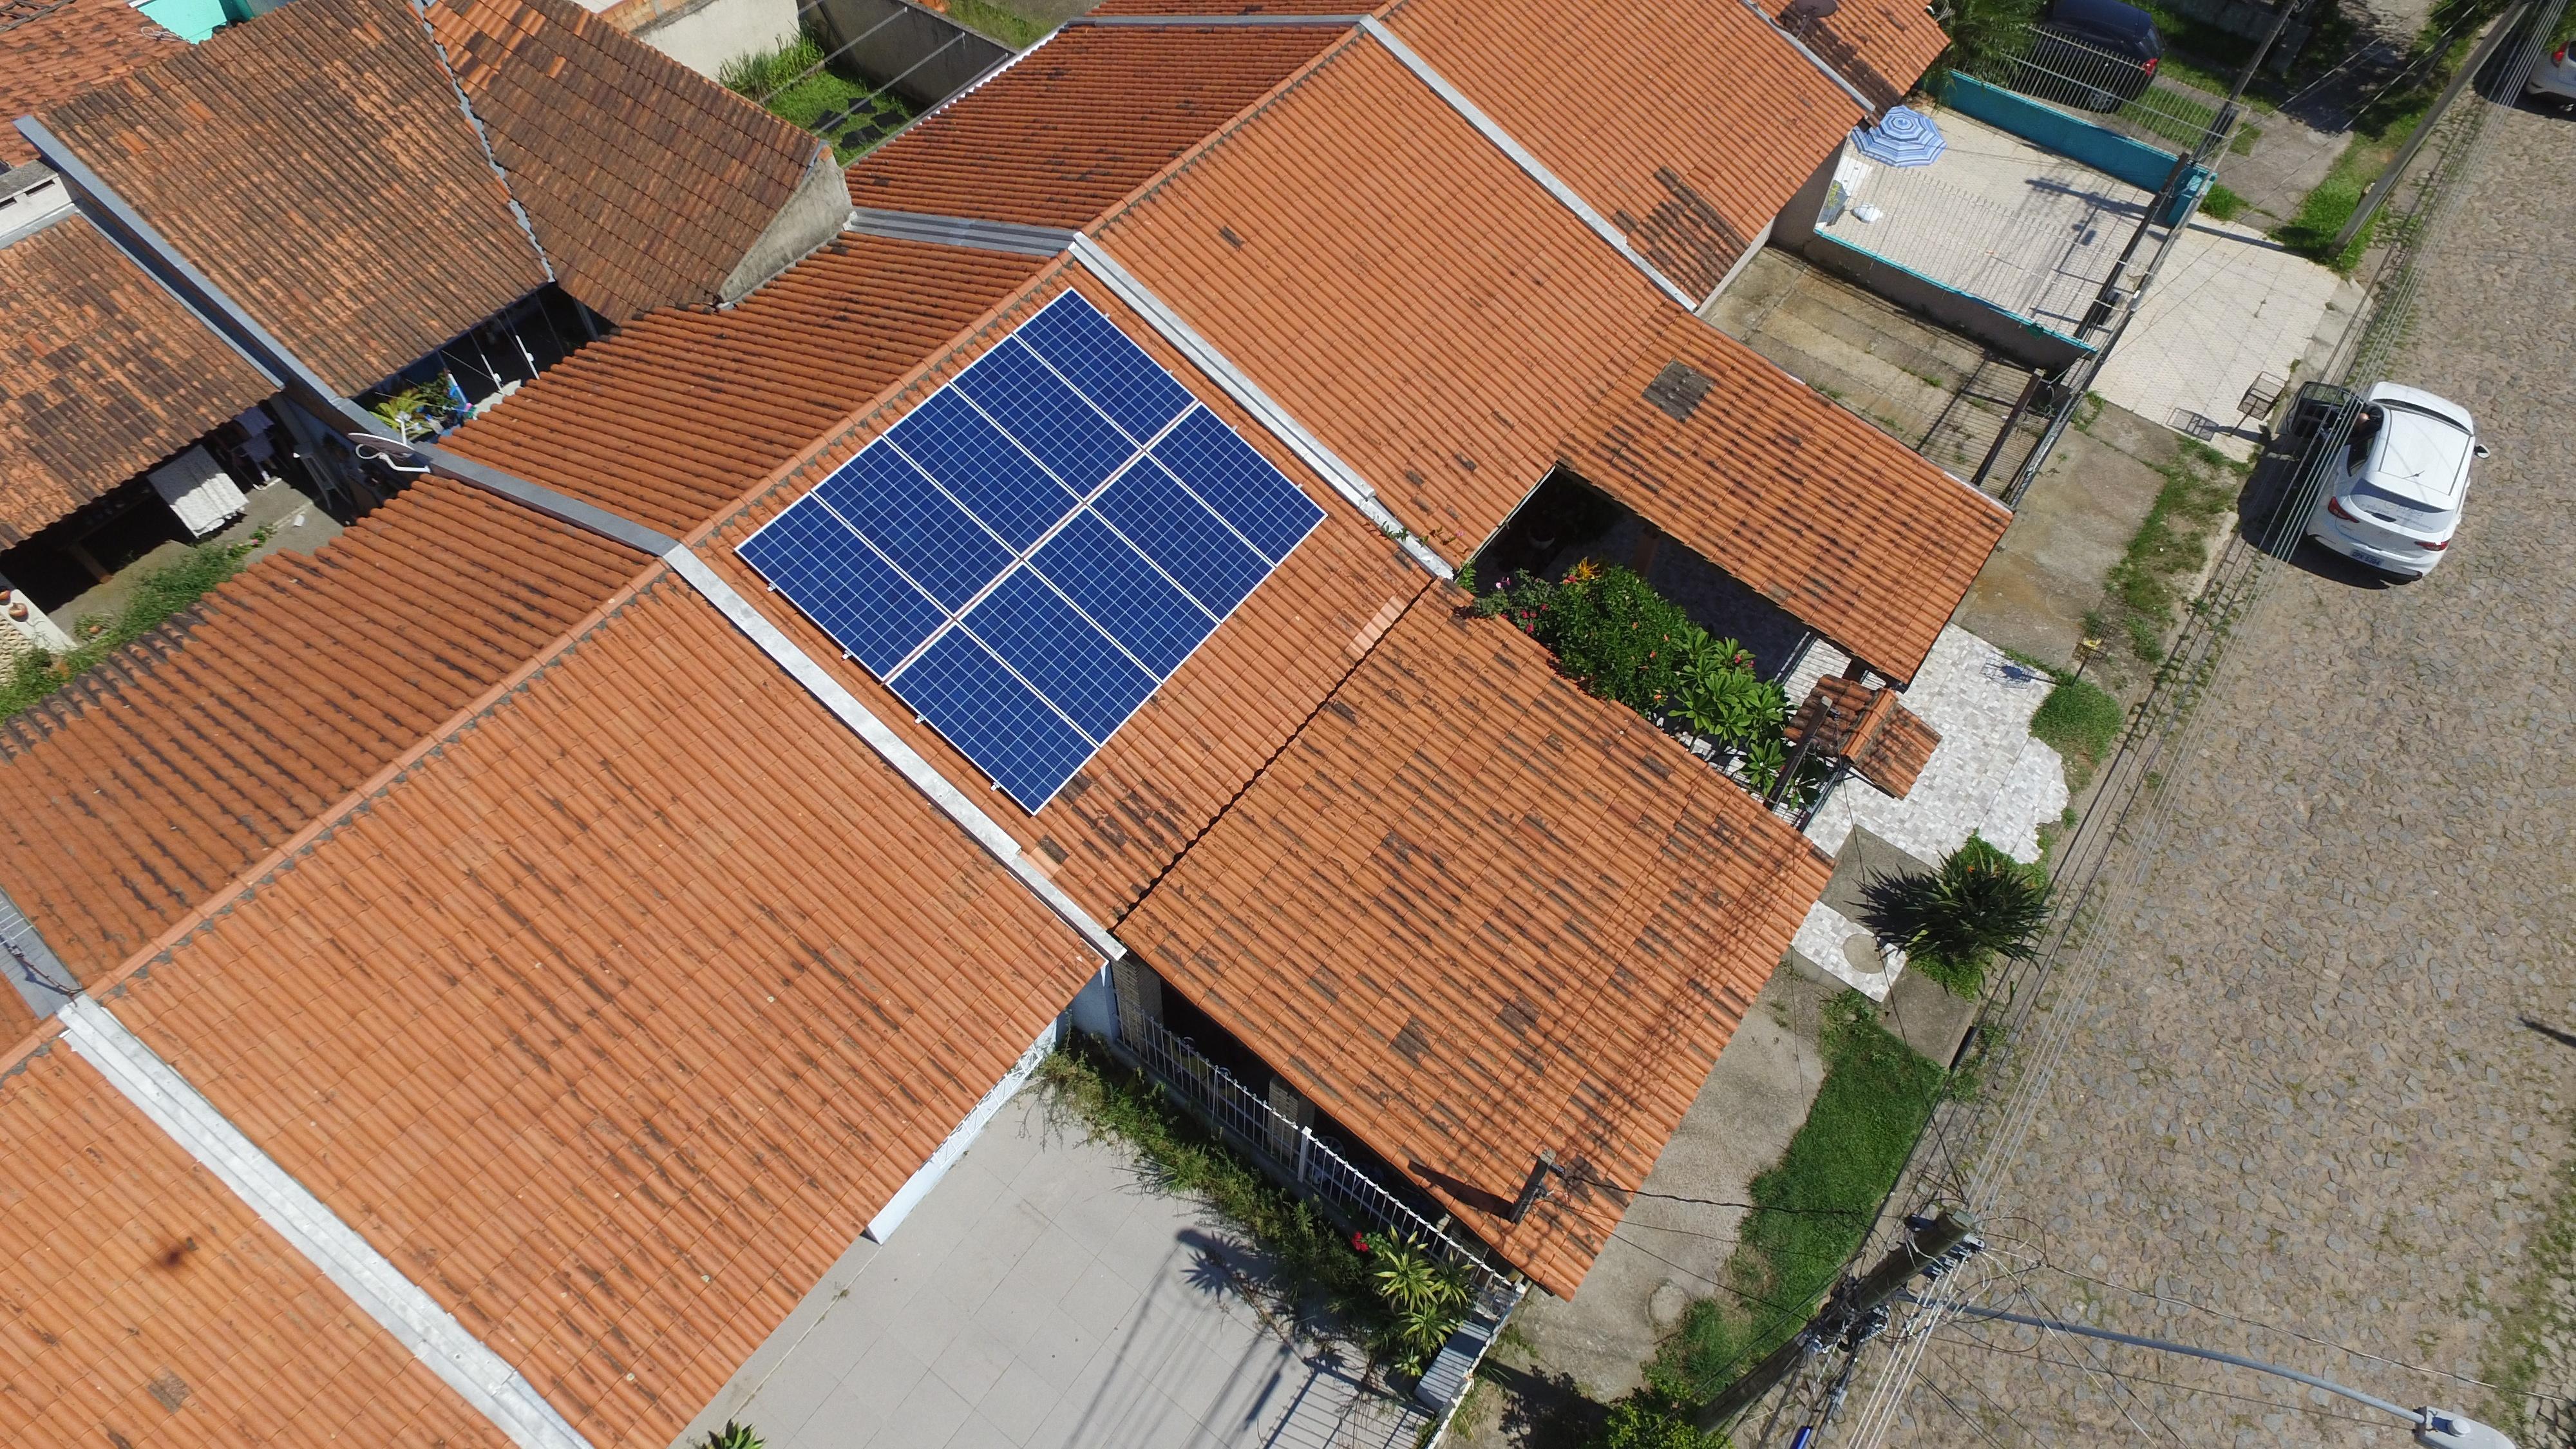 Energia solar fotovoltaica em Porto Alegre - Elysia energia solar Rio Grande do Sul